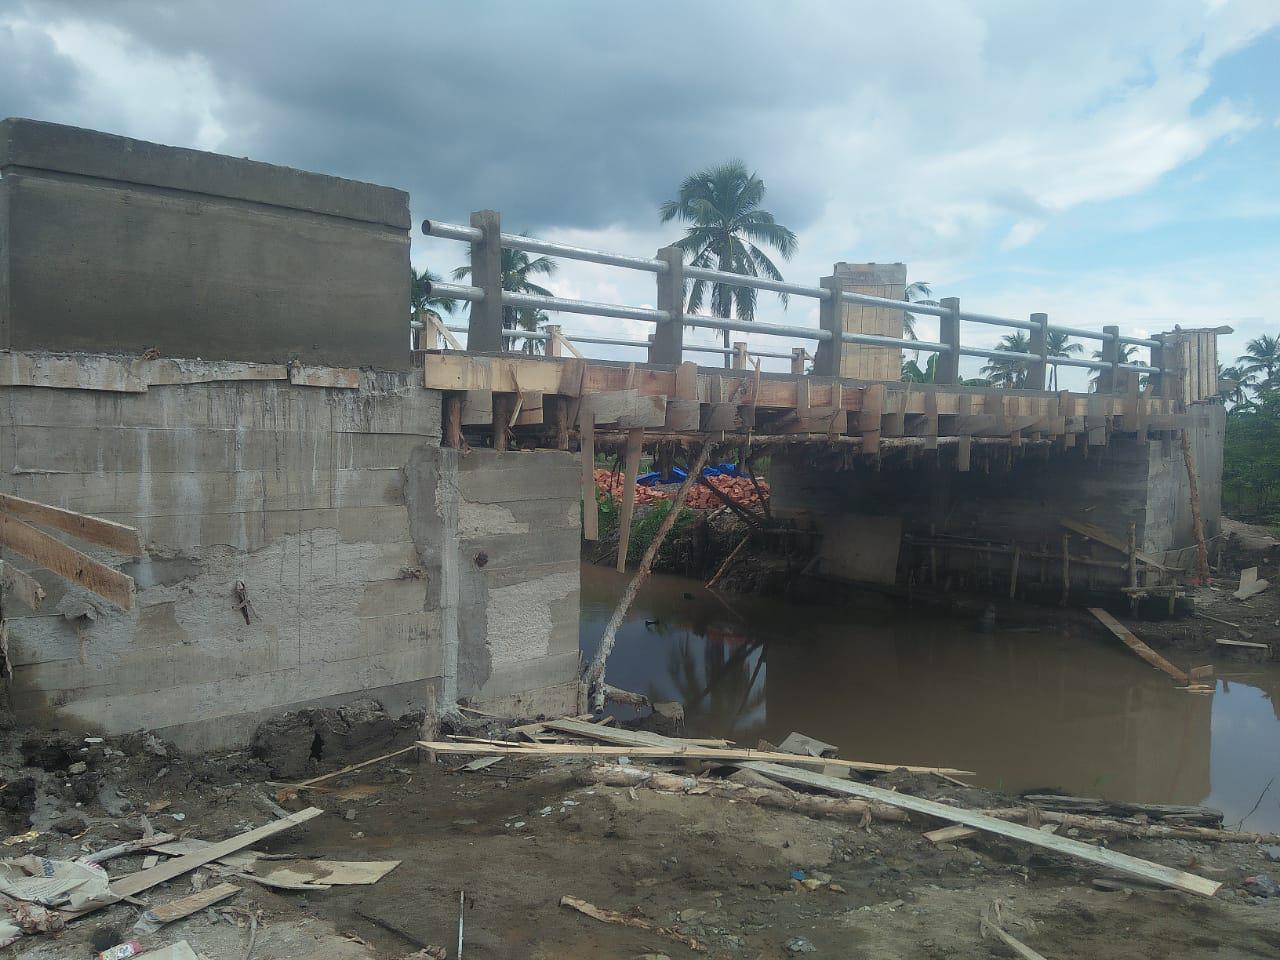 Dansatgas Ungkapkan Jembatan Penghubung Sudah Selesai Dikerjakan Satgas TMMD